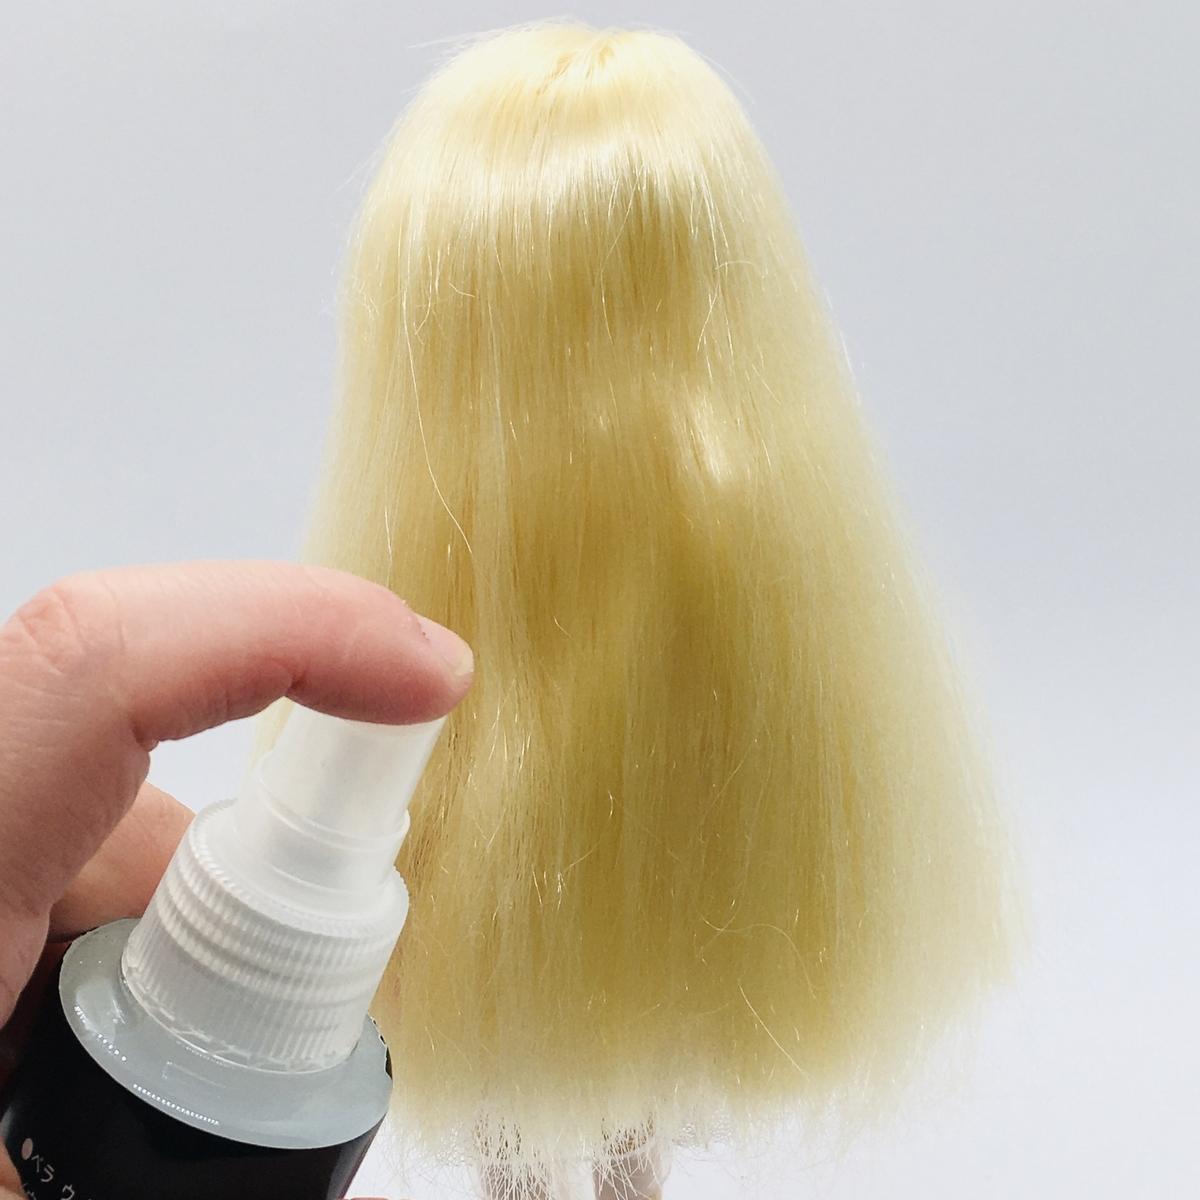 「みさきちゃん」の髪の毛にウィッグオイルをスプレーしているところ